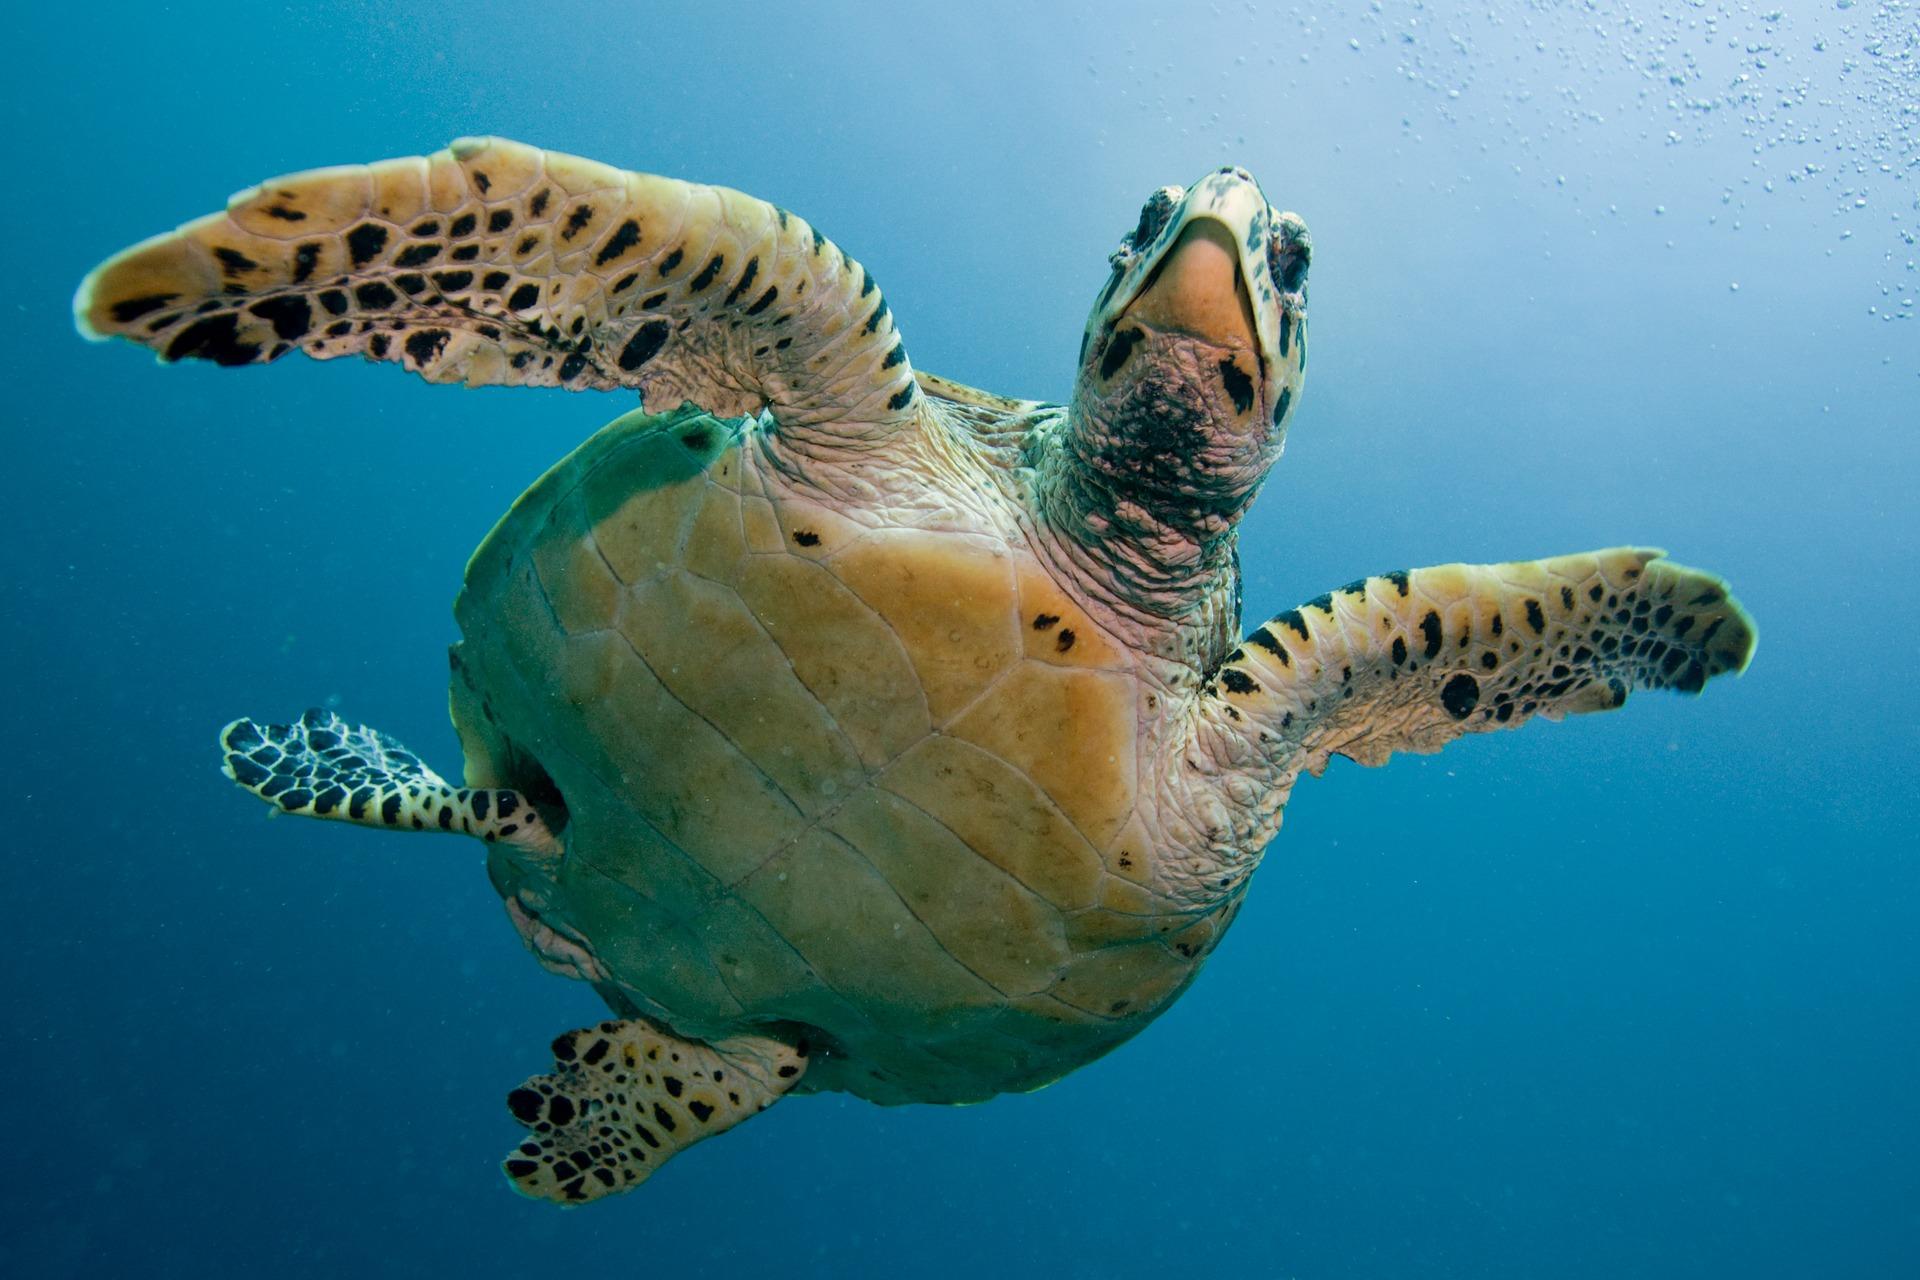 turtle-2250720_1920.jpg